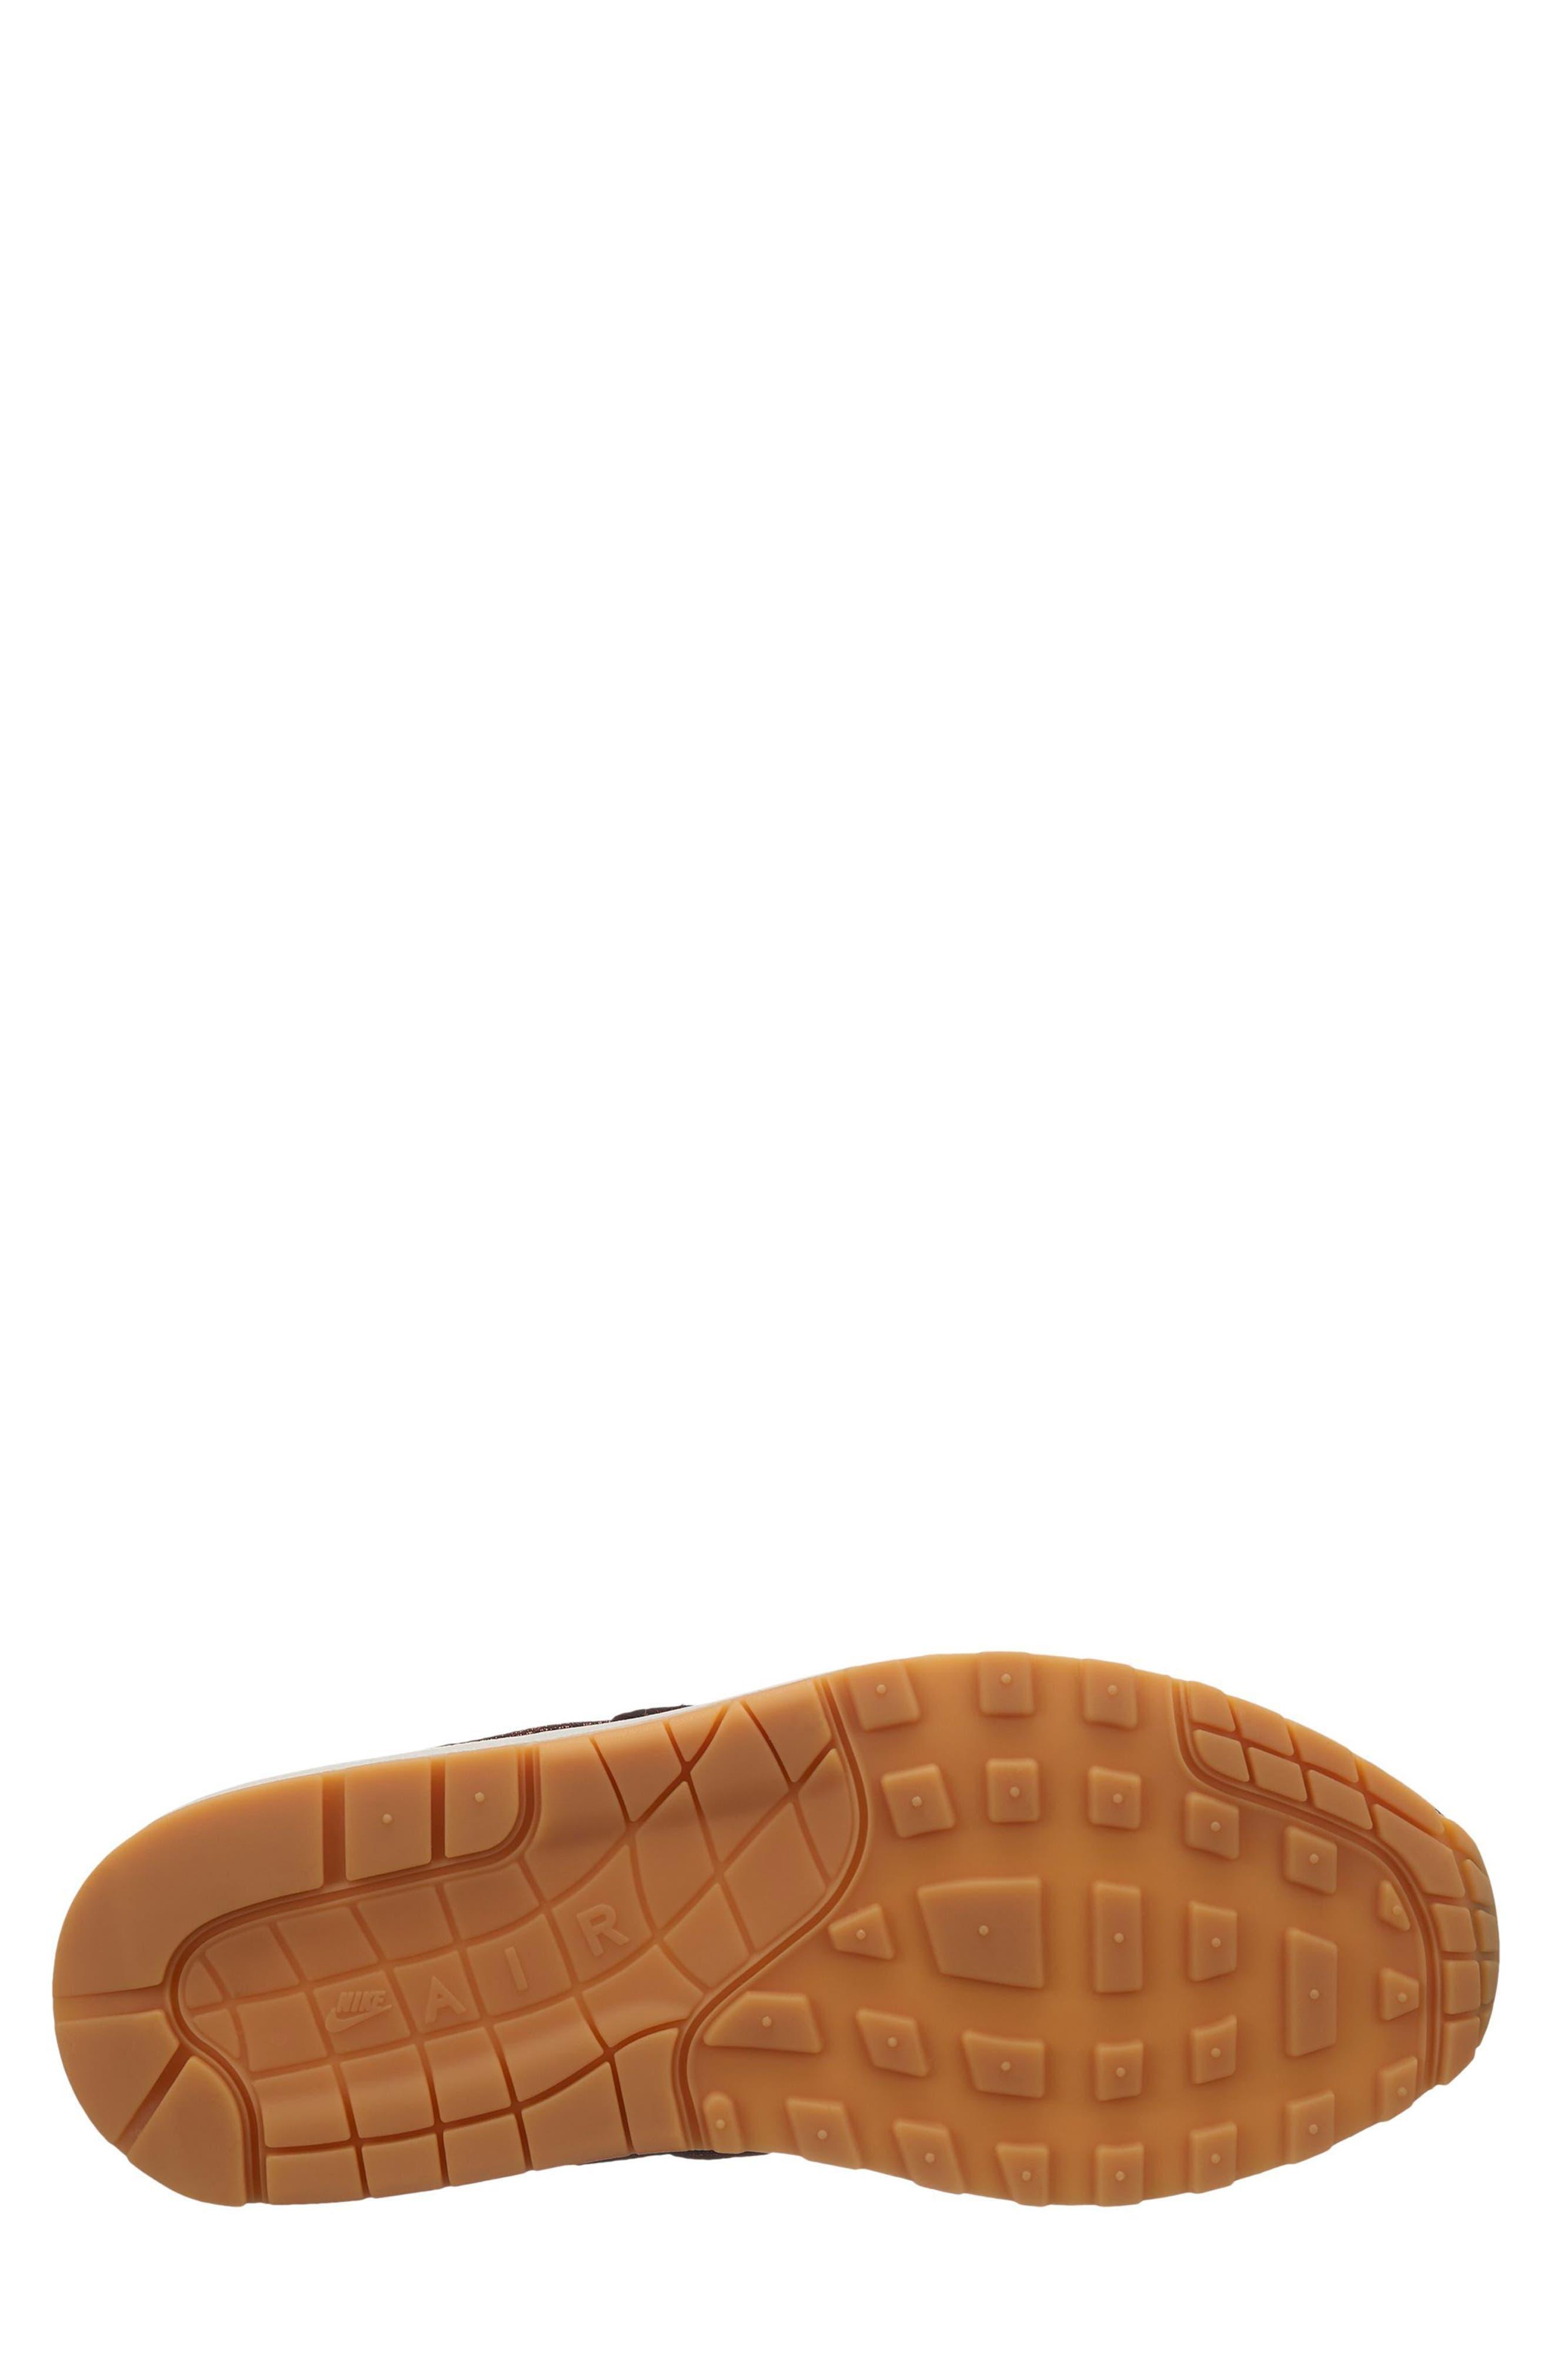 Air Max 1 Premium Sneaker,                             Alternate thumbnail 8, color,                             002